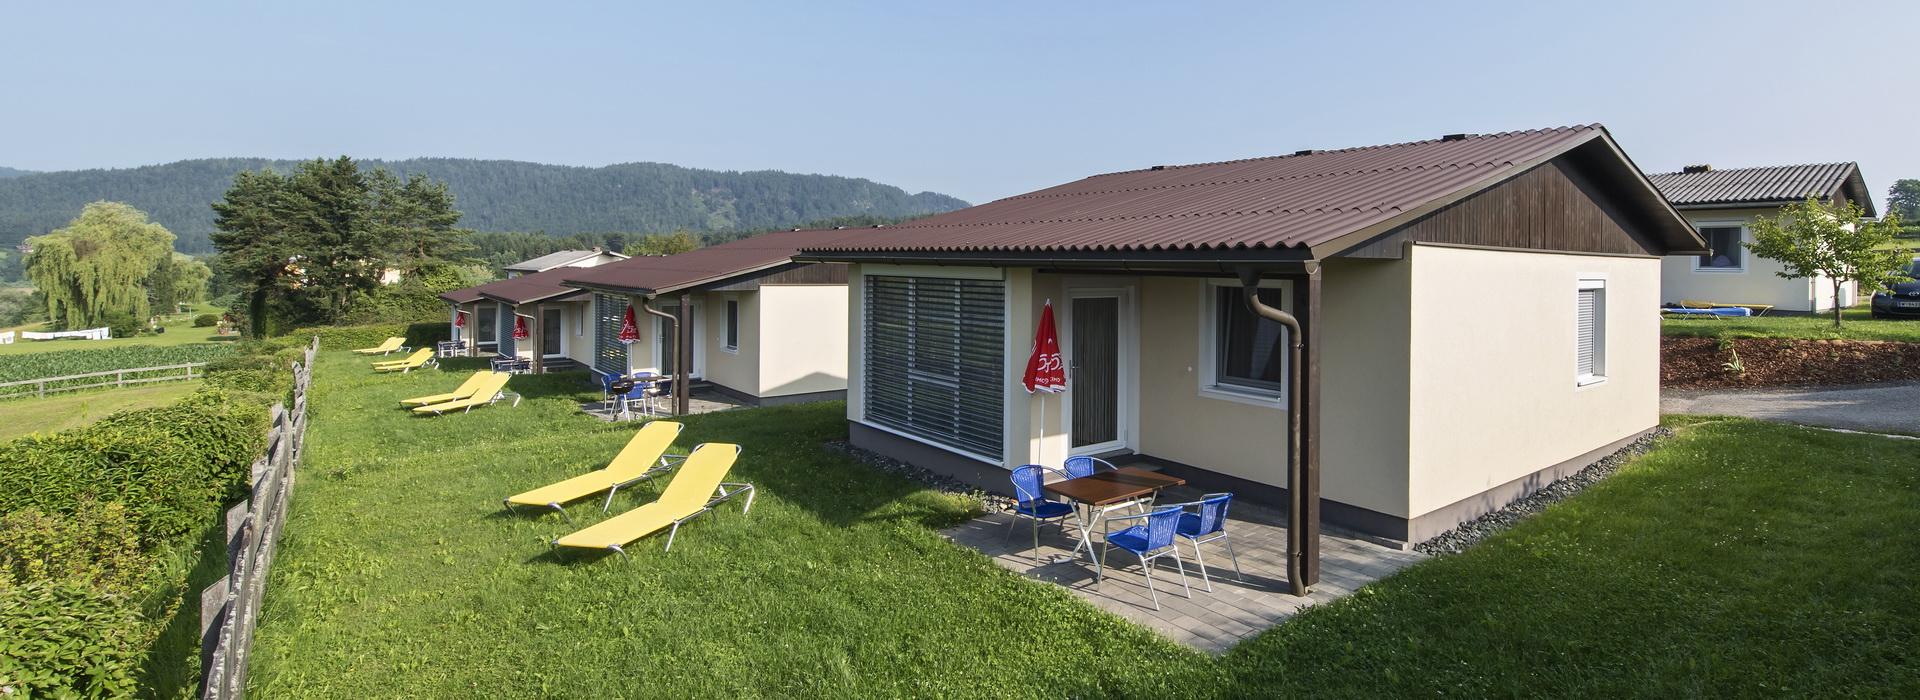 Ferienhaus Deluxe1